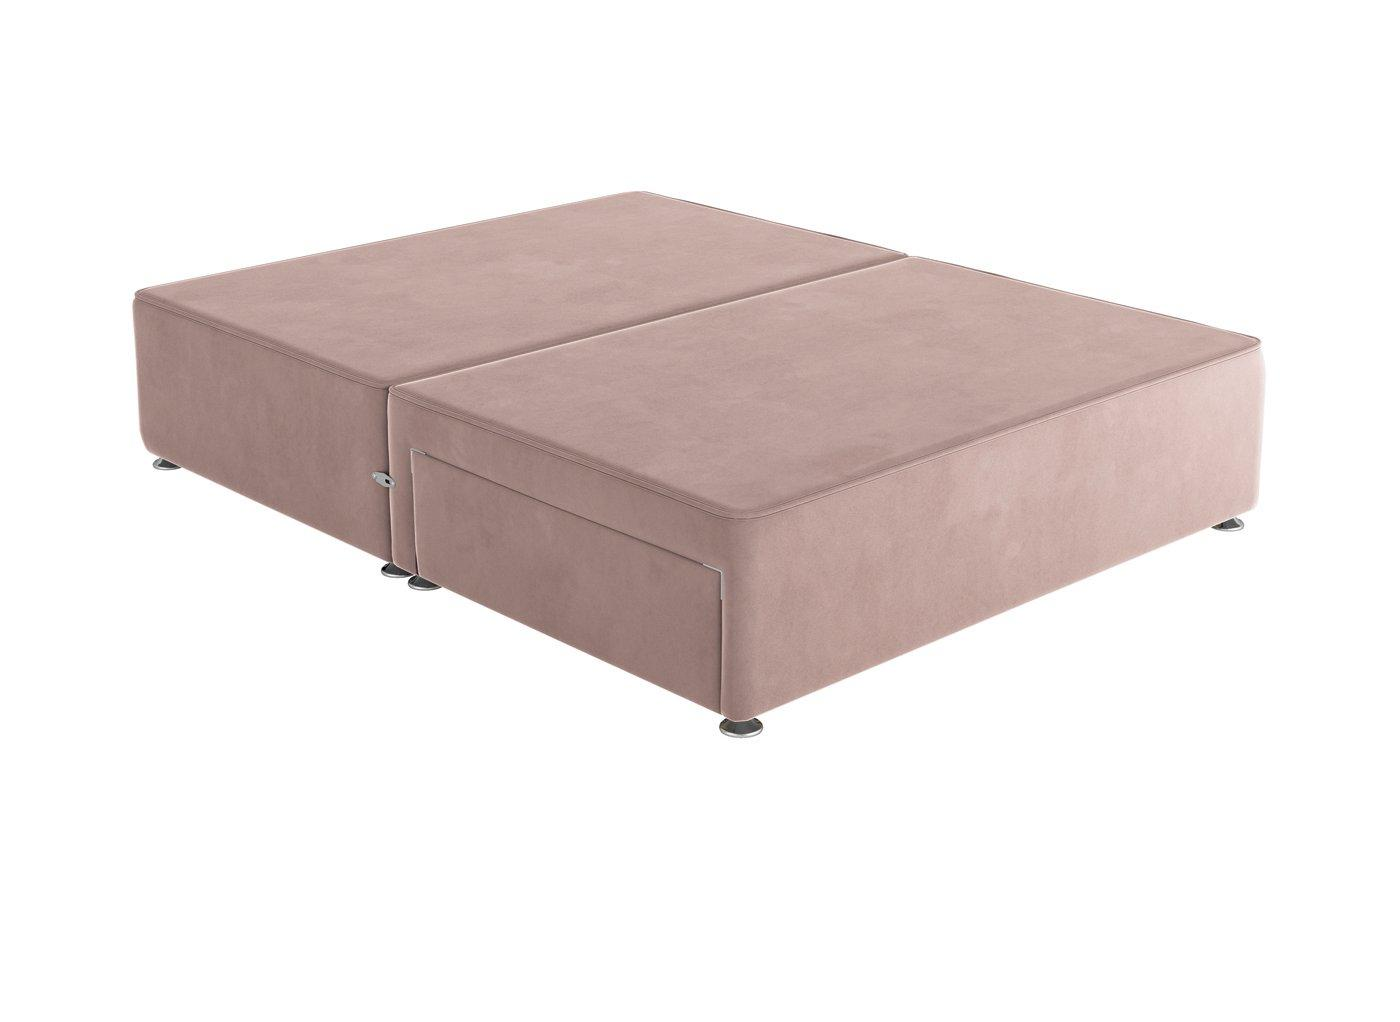 Sleepeezee K P/T 2 Drw Base Plush Pink 5'0 King